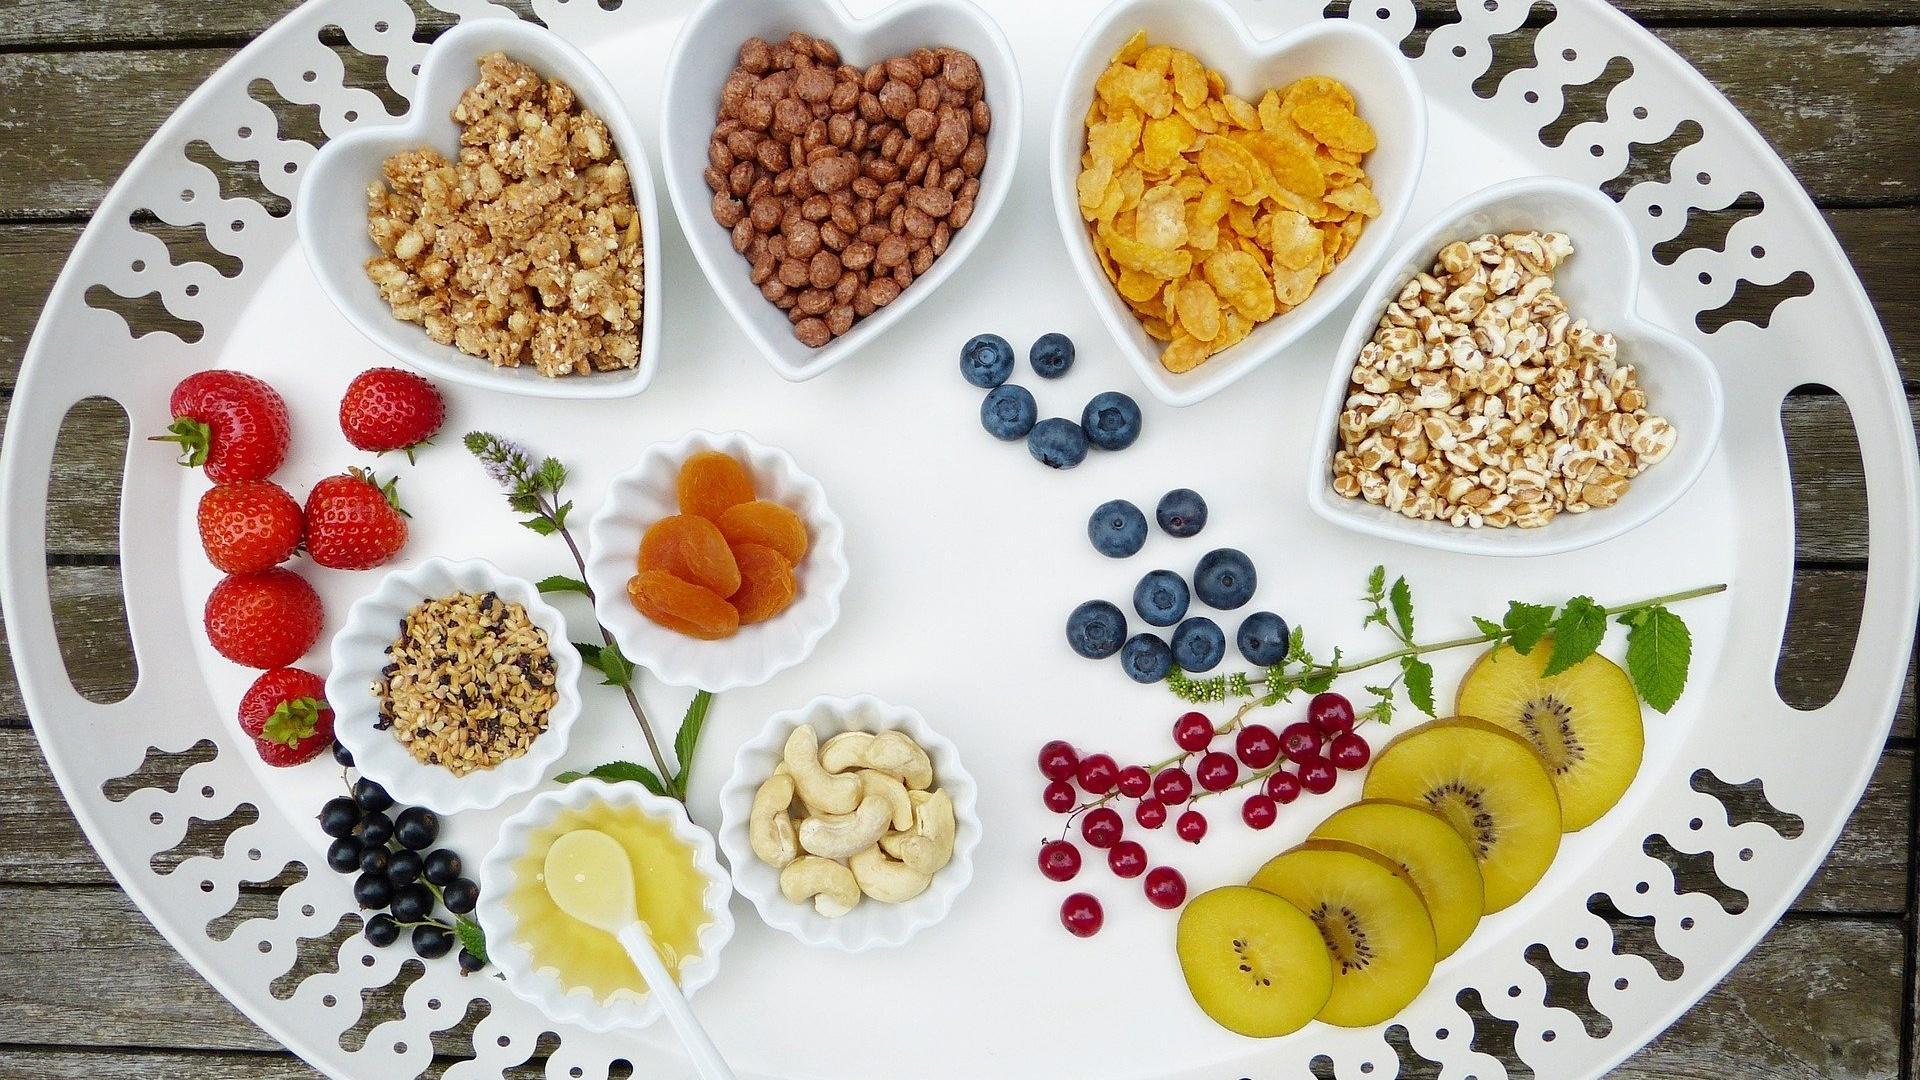 Louwen Diät in der Schwangerschaft: Das dürfen Sie essen - und das nicht